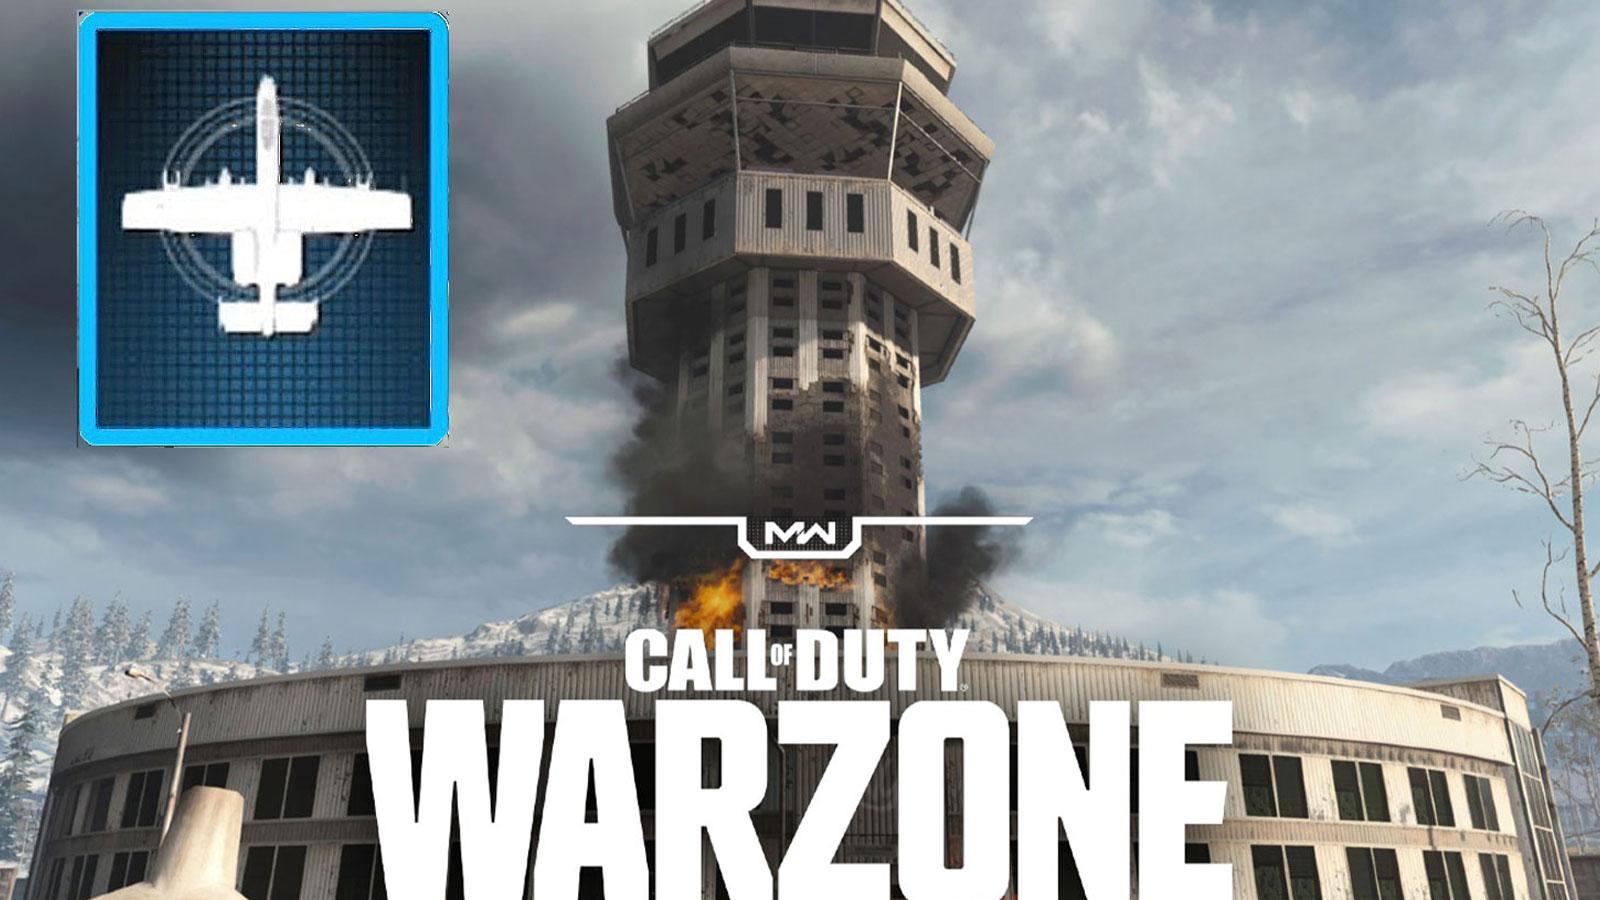 Tour de Warzone, Frappe aérienne